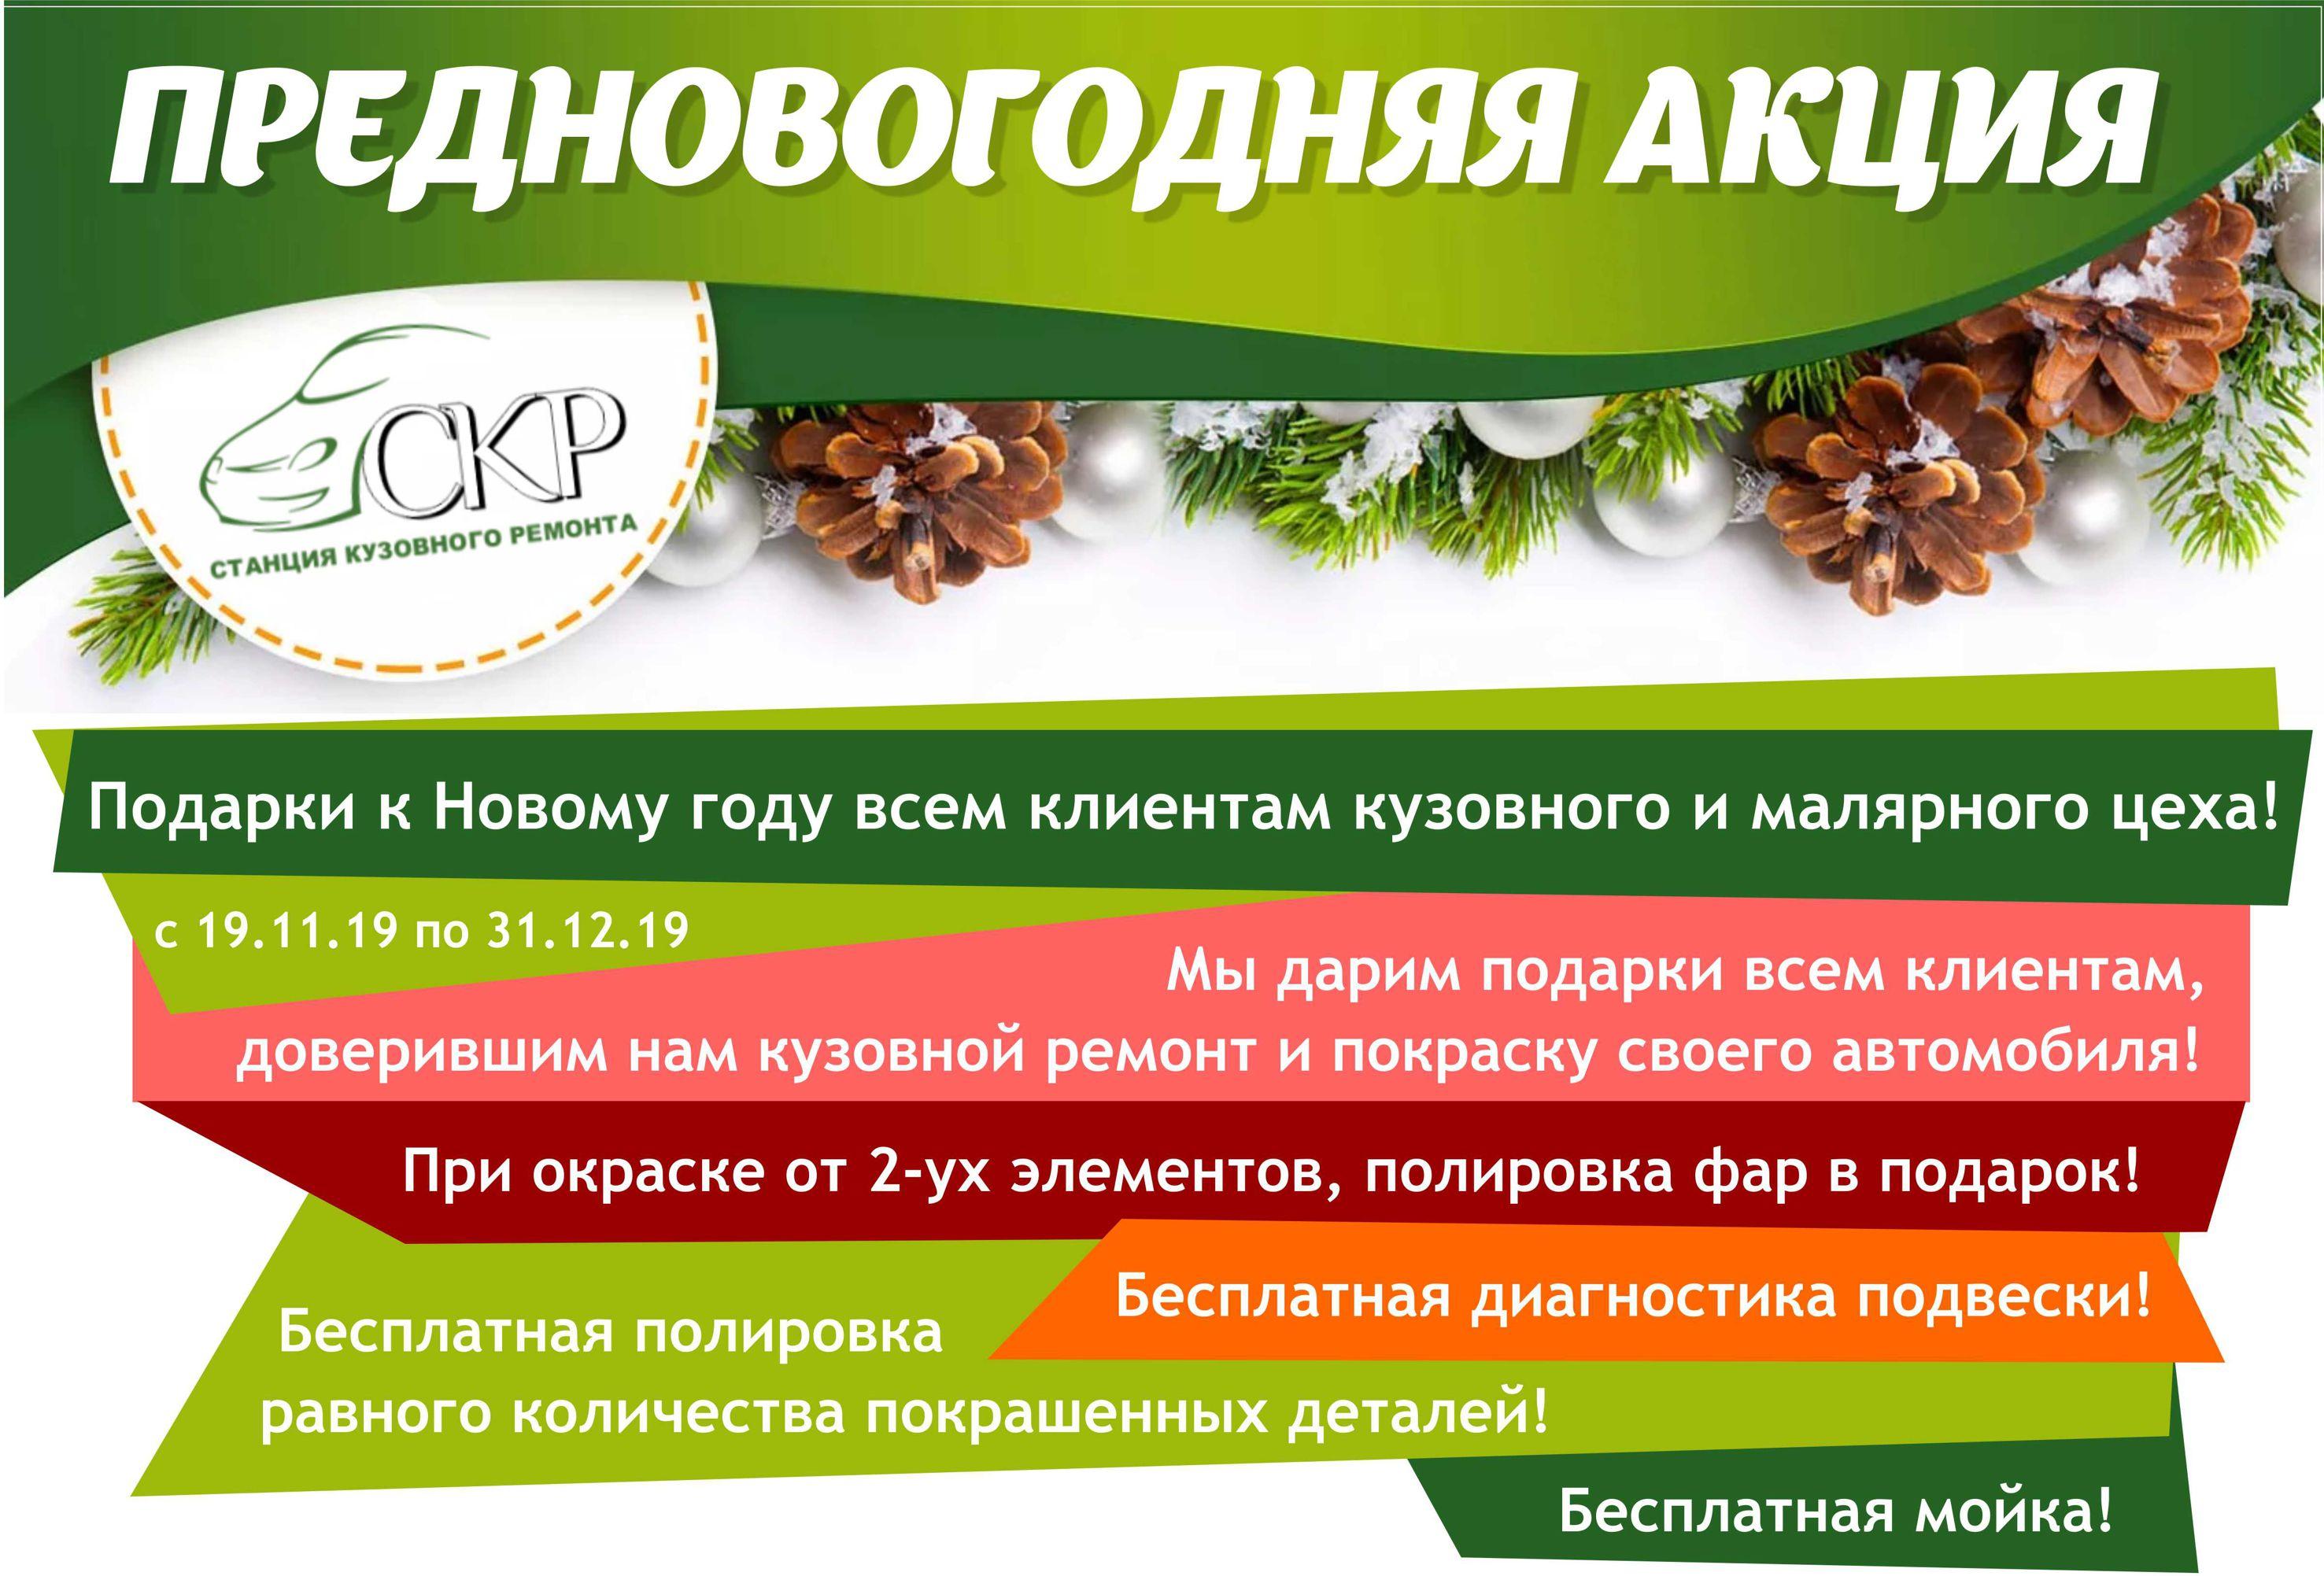 Акции и спецпредложения - автосервиса СКР